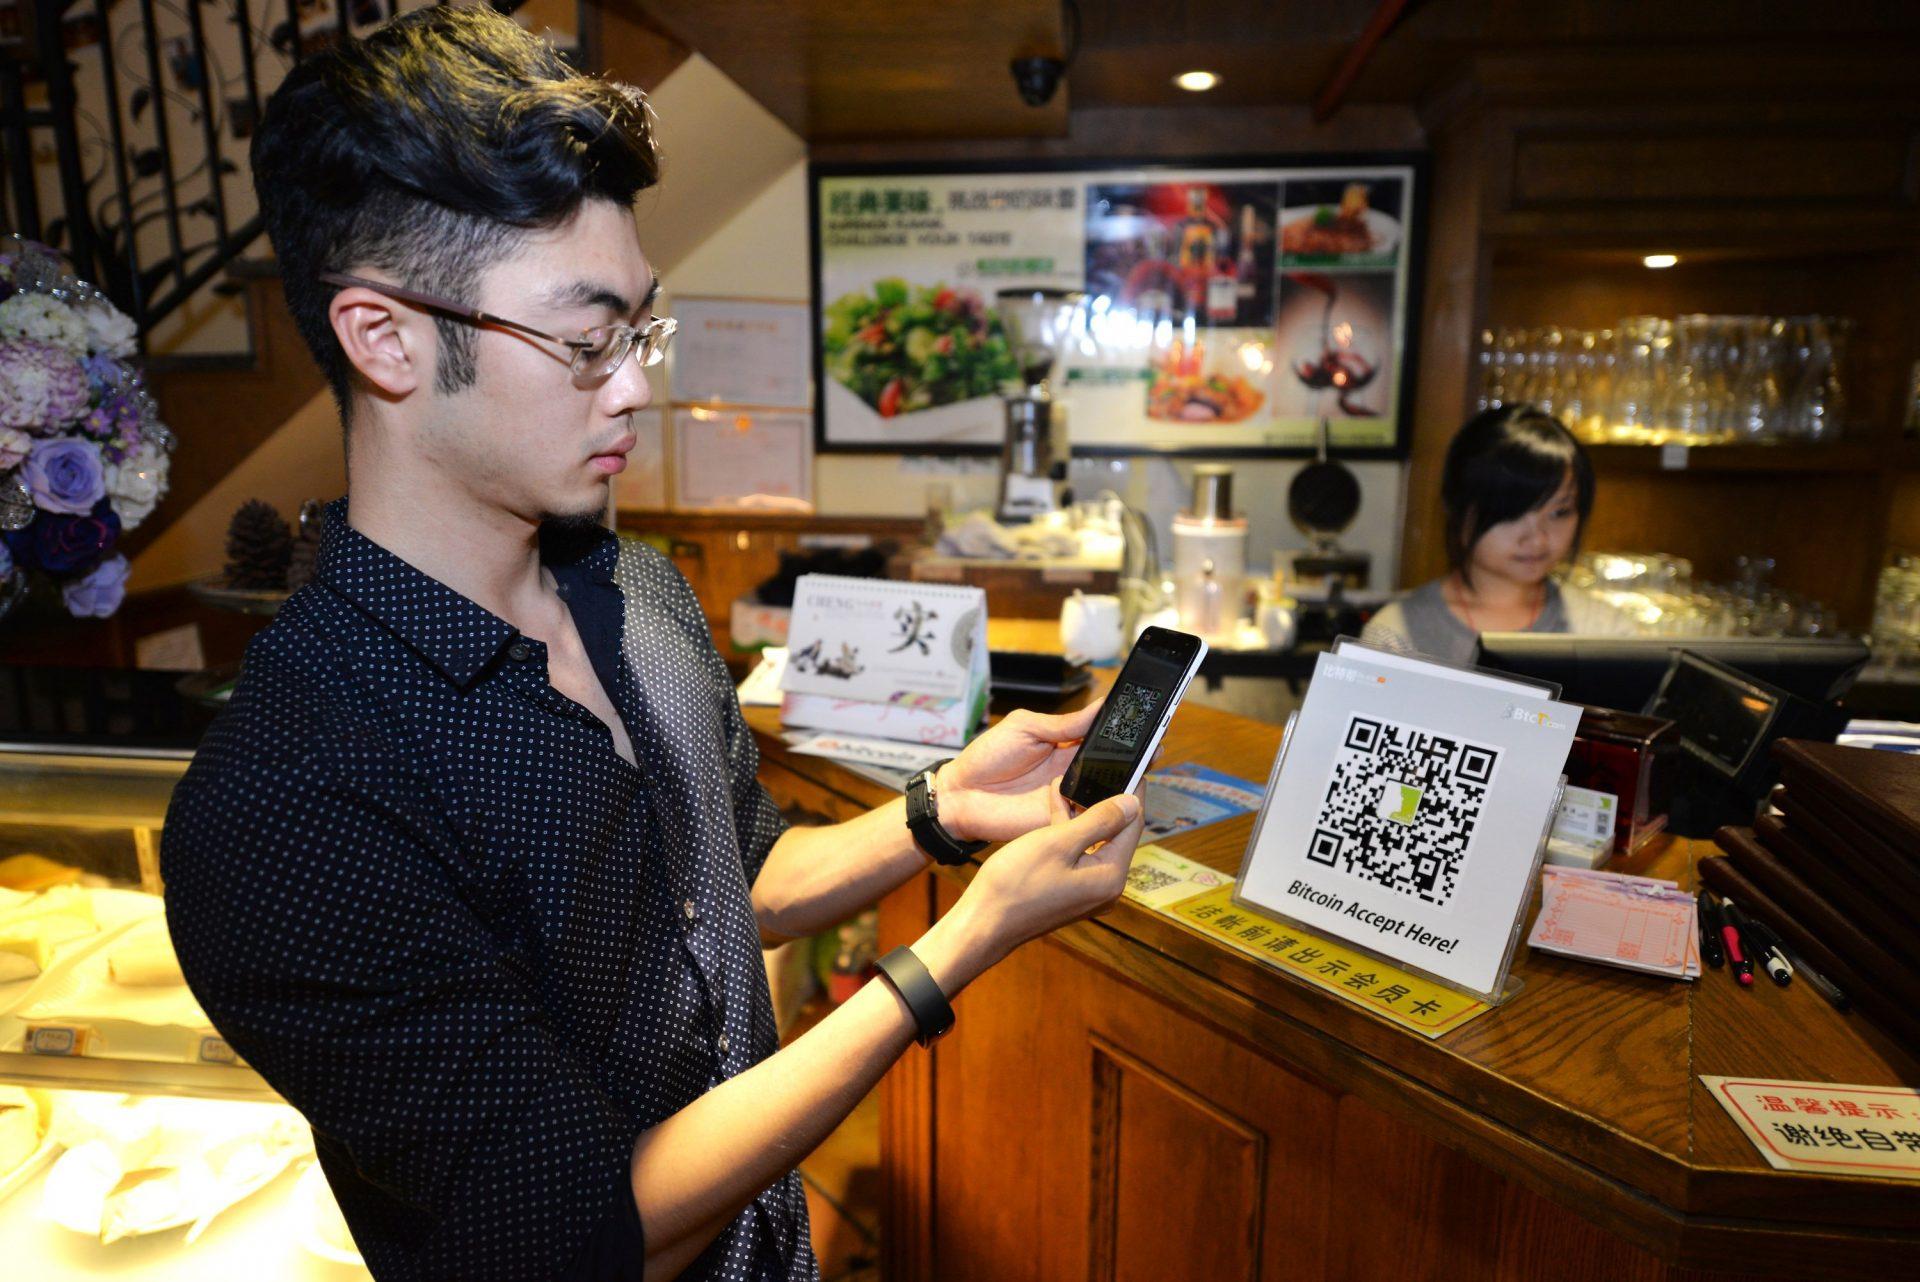 En septembre 2017, la Chine a interdit les échanges de Bitcoin.